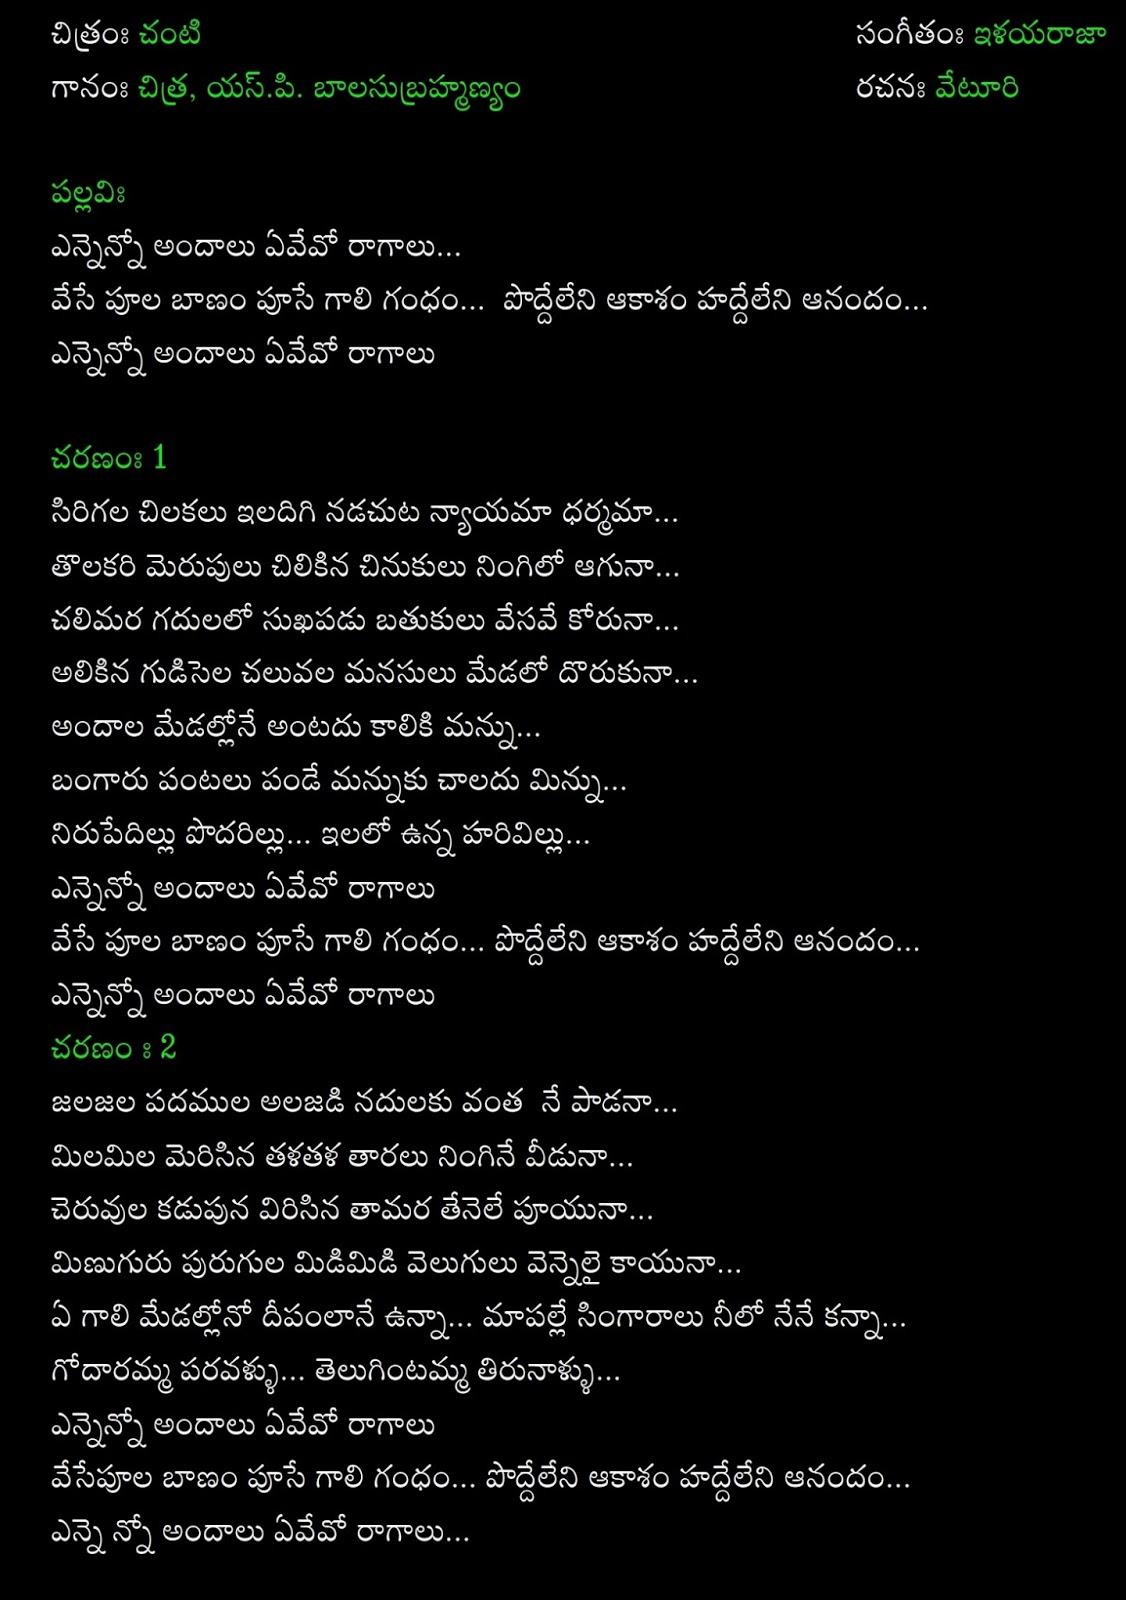 telugu movie songs lyrics